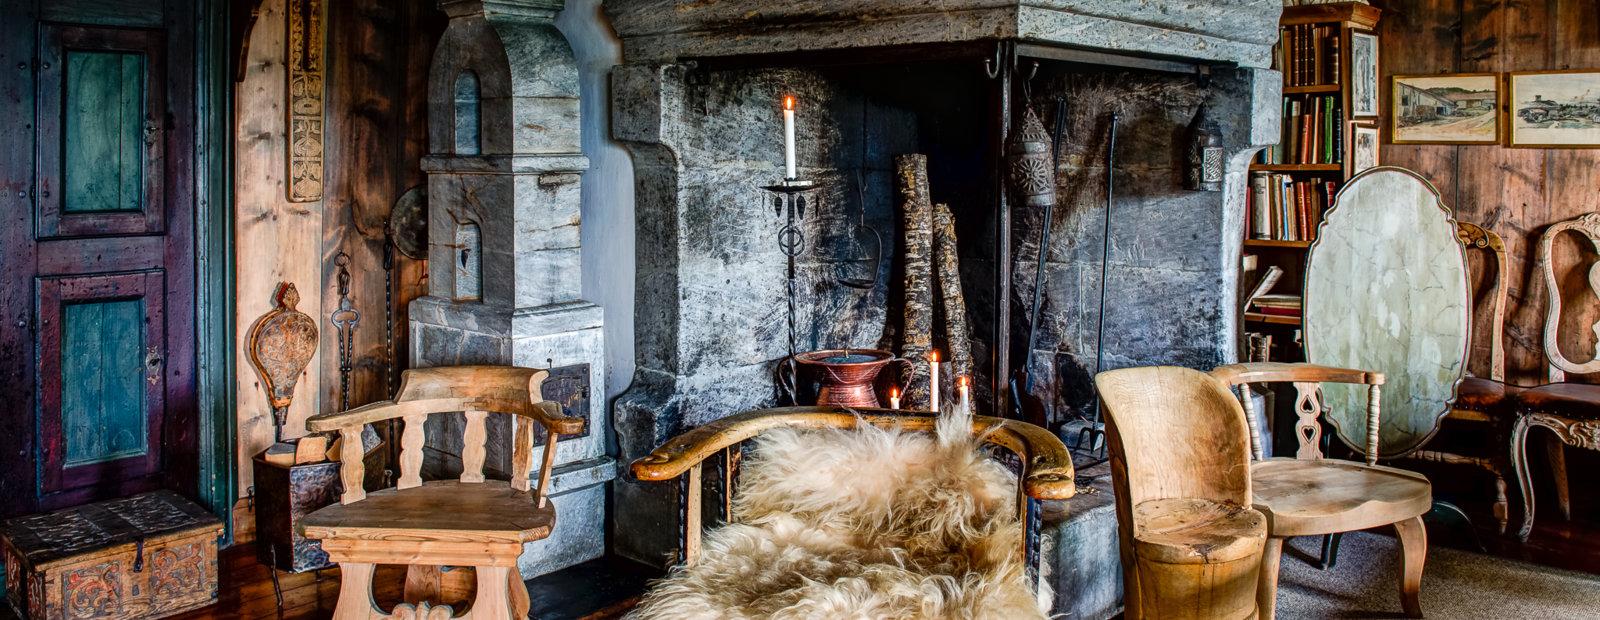 Peisestua i Sigrid Undsets hjem Bjerkebæk med gammel peis med forskjellige trestoler rundt, den ene med saueskinnsfell i.